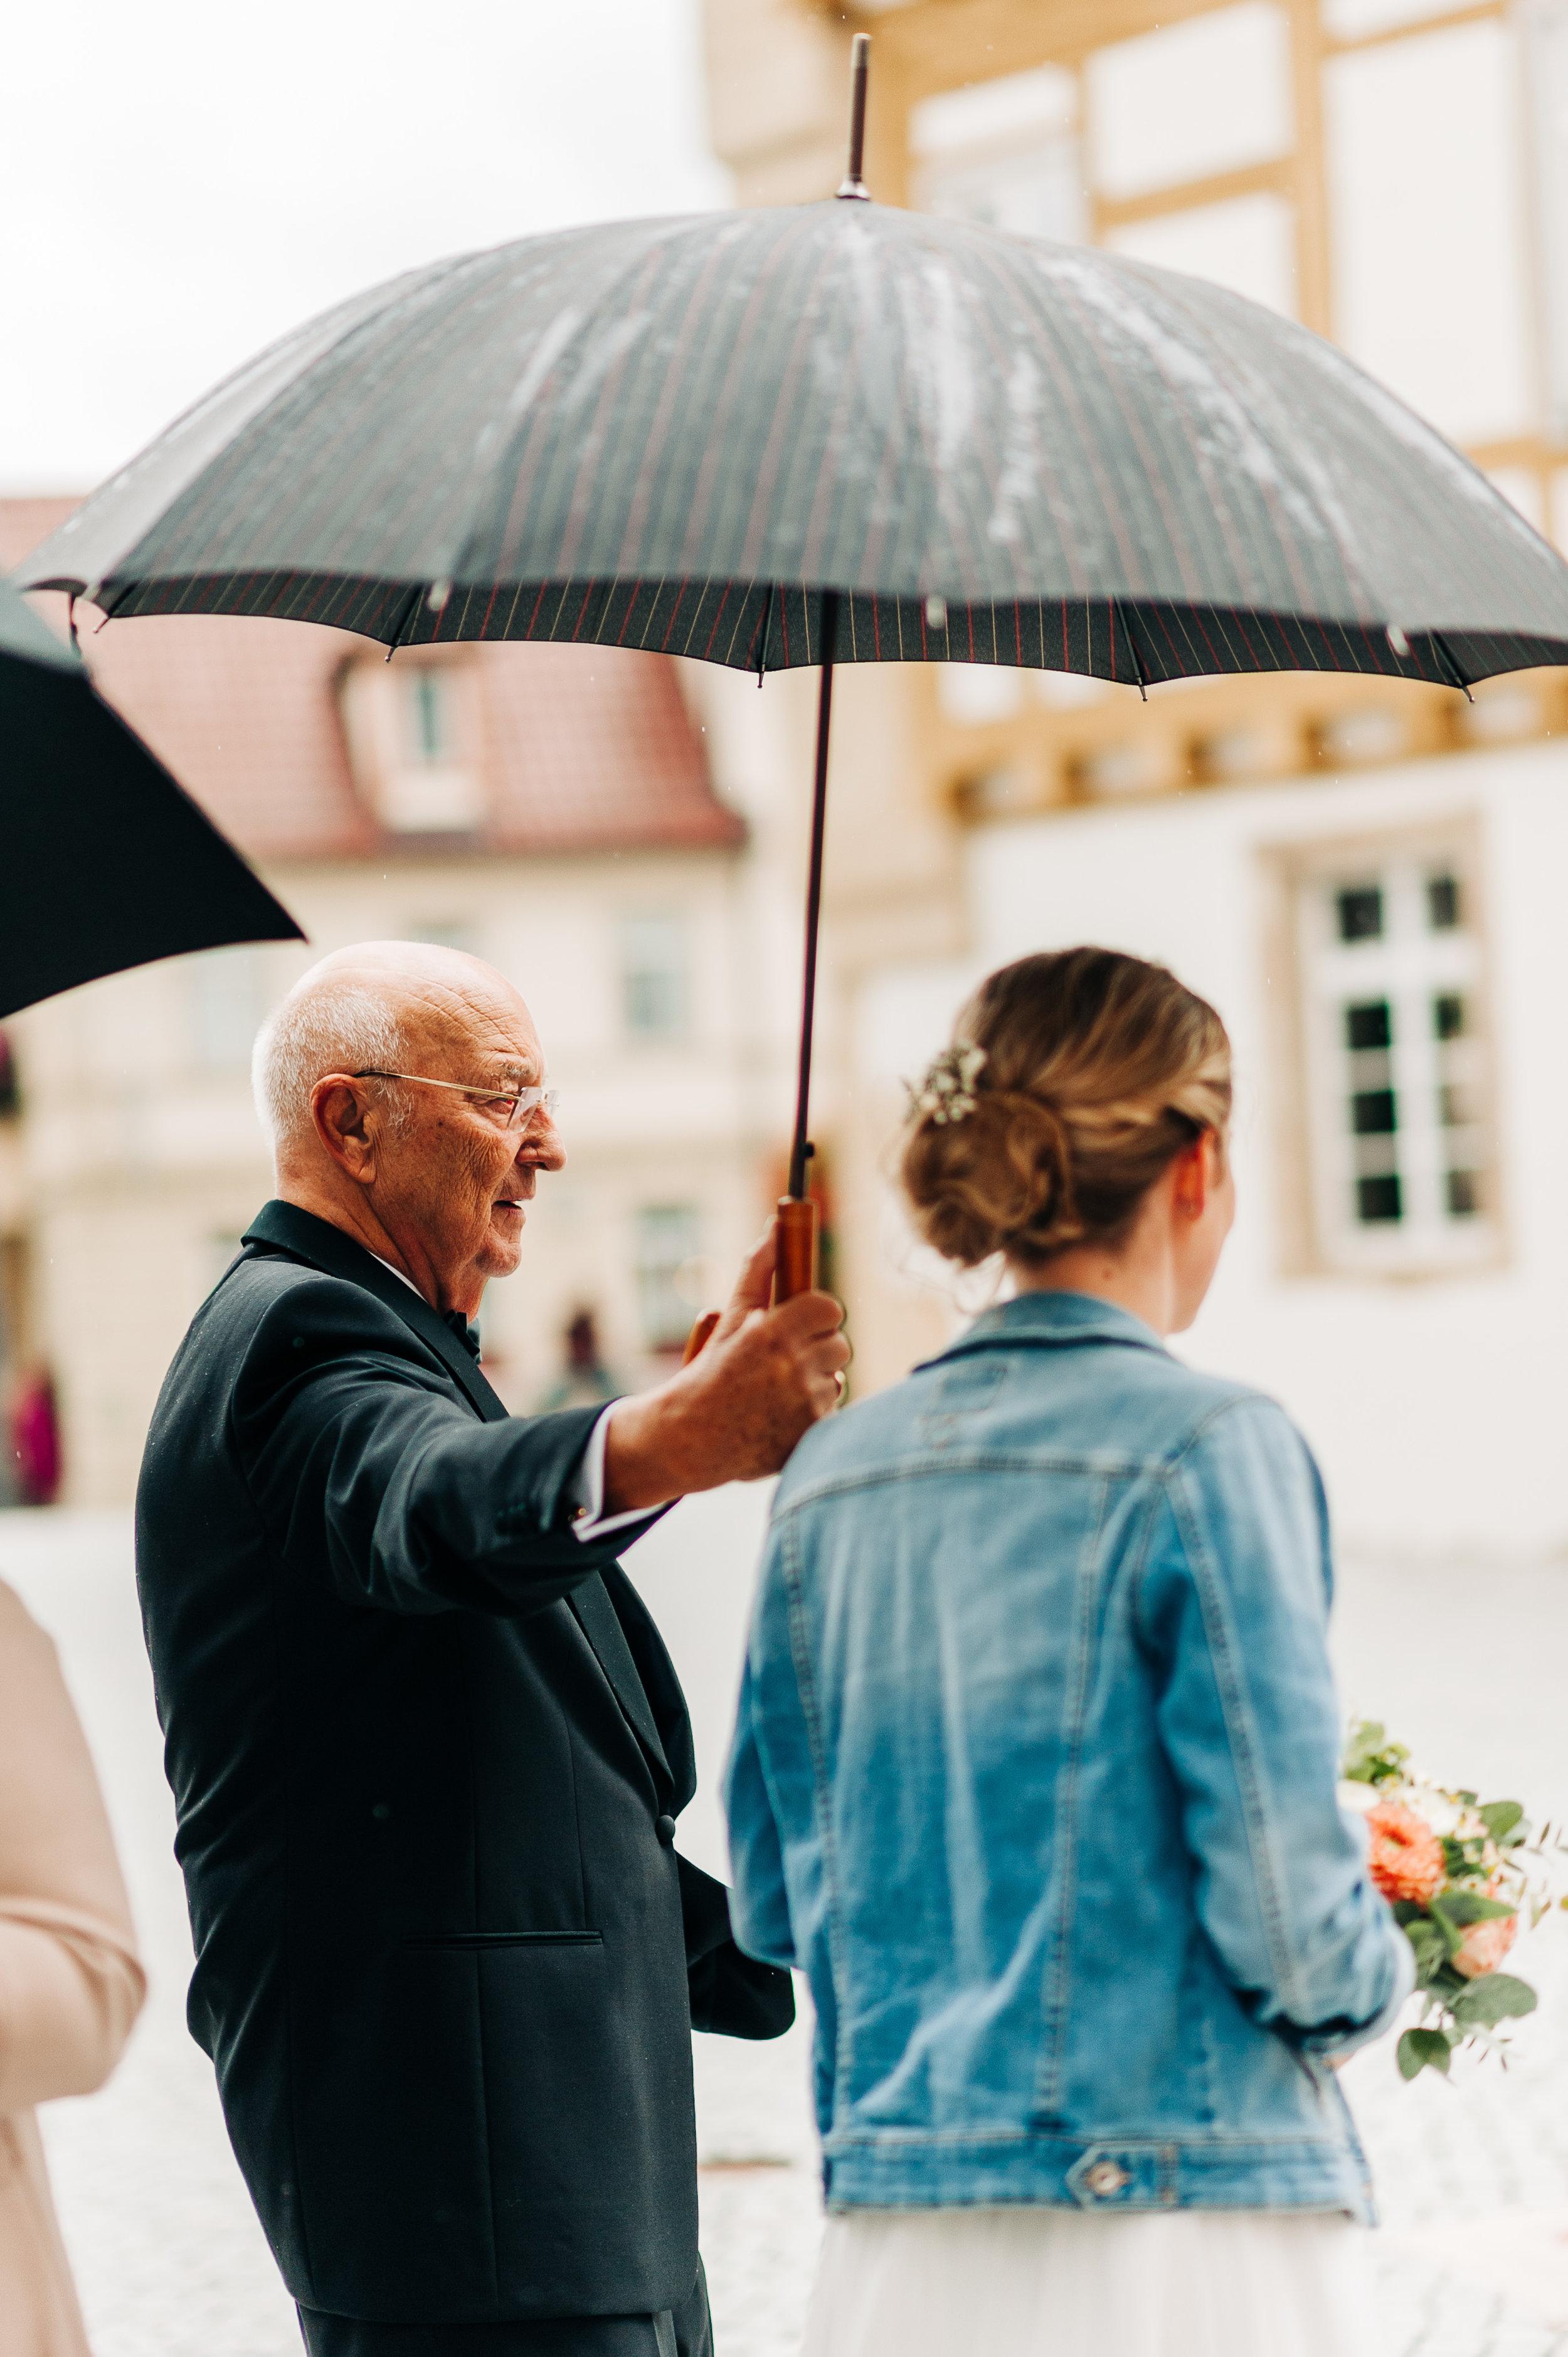 Anna-Hari-Photography-Hochzeitsfotografie-U&H-831.jpg